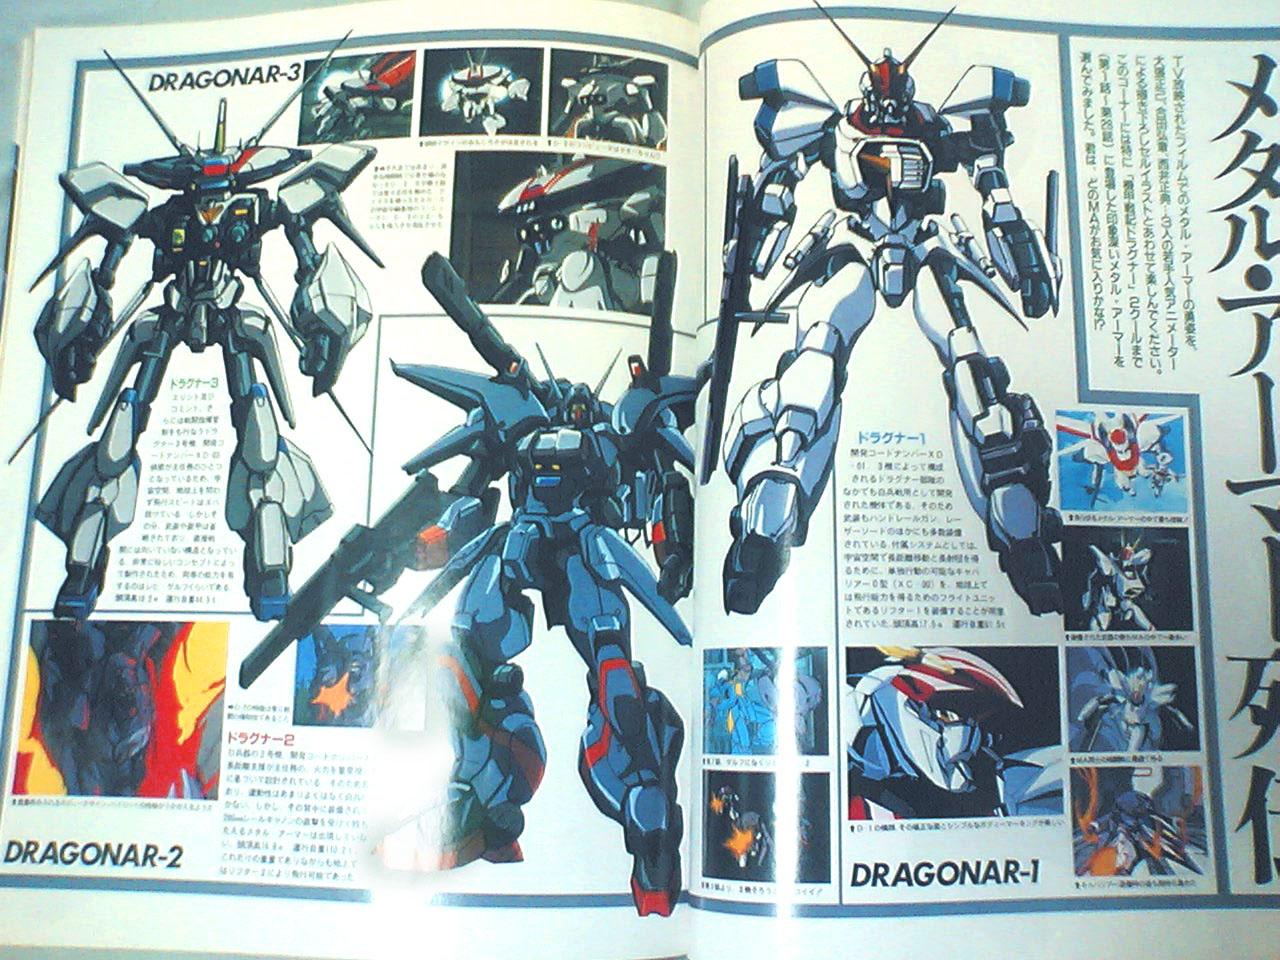 日本动画片驾驶电影男三个军用有关机器人的.X特遣队飘花主角图片